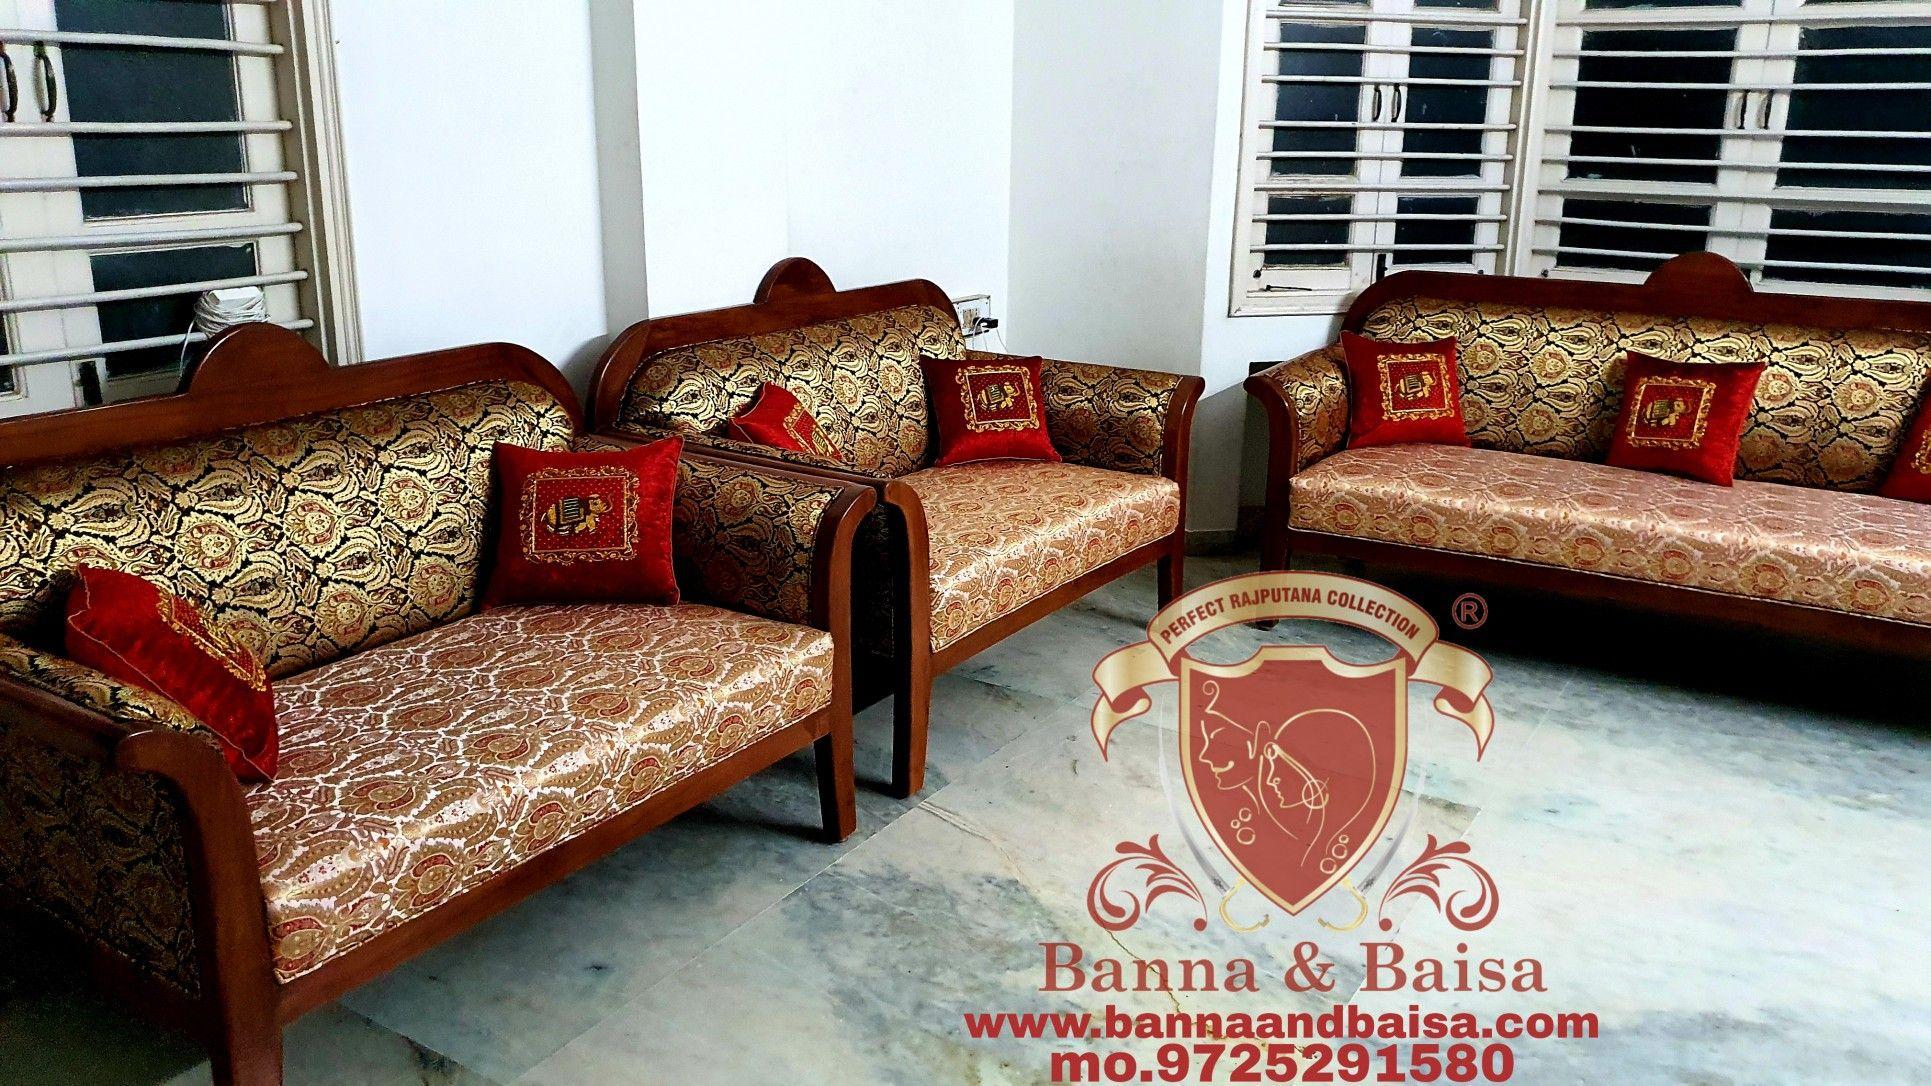 Pure Teak Wood Furniture And Kimkhab Print Sofa Banna